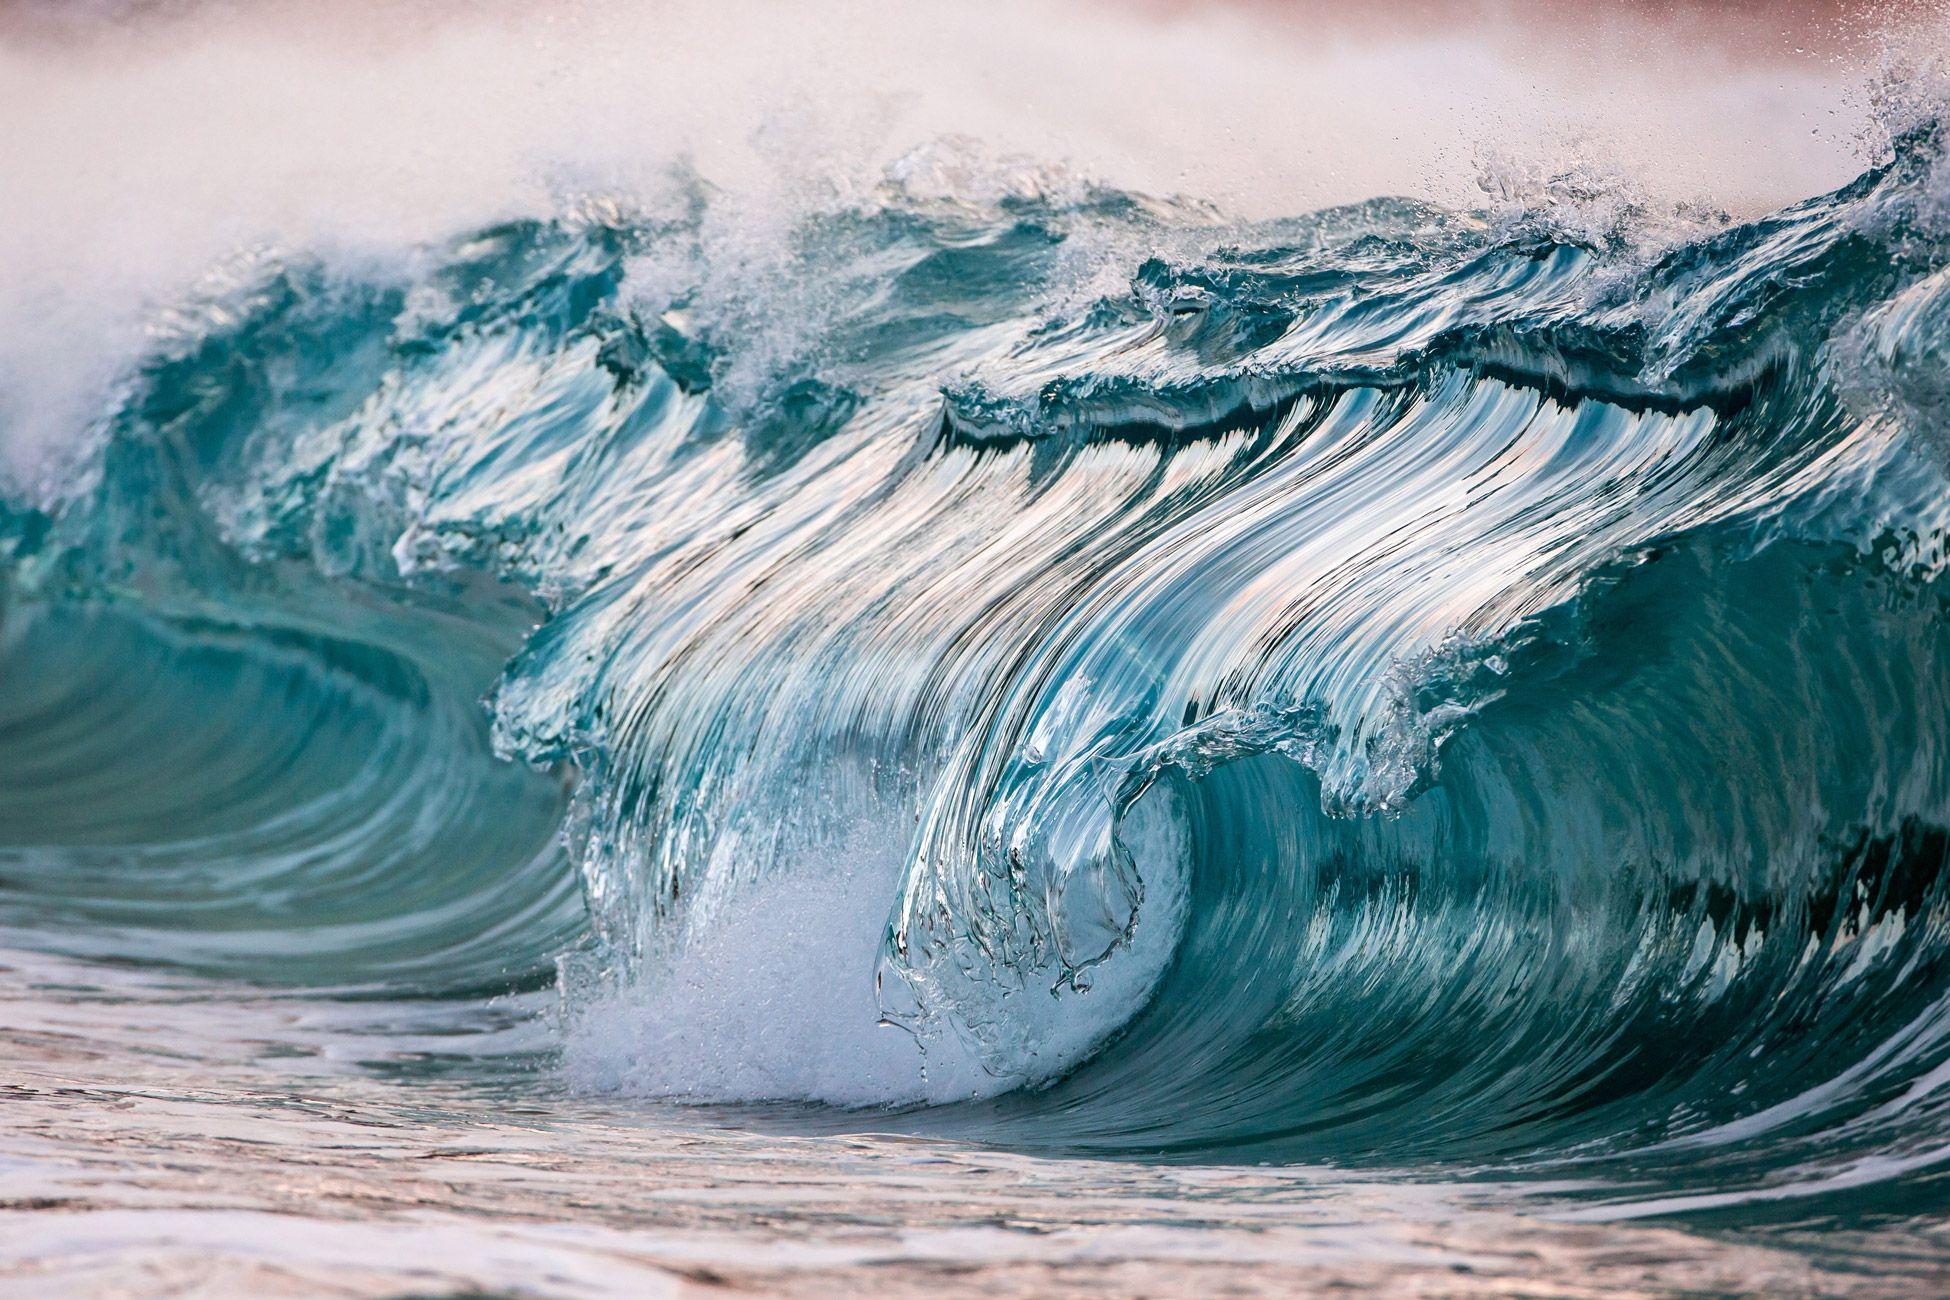 Pierre Carreau - Photographer Esculturas líquidos: Poderosas olas Fotografiado por Pierre Carreau parecen congelados en el tiempo por Christopher Jobson en 02